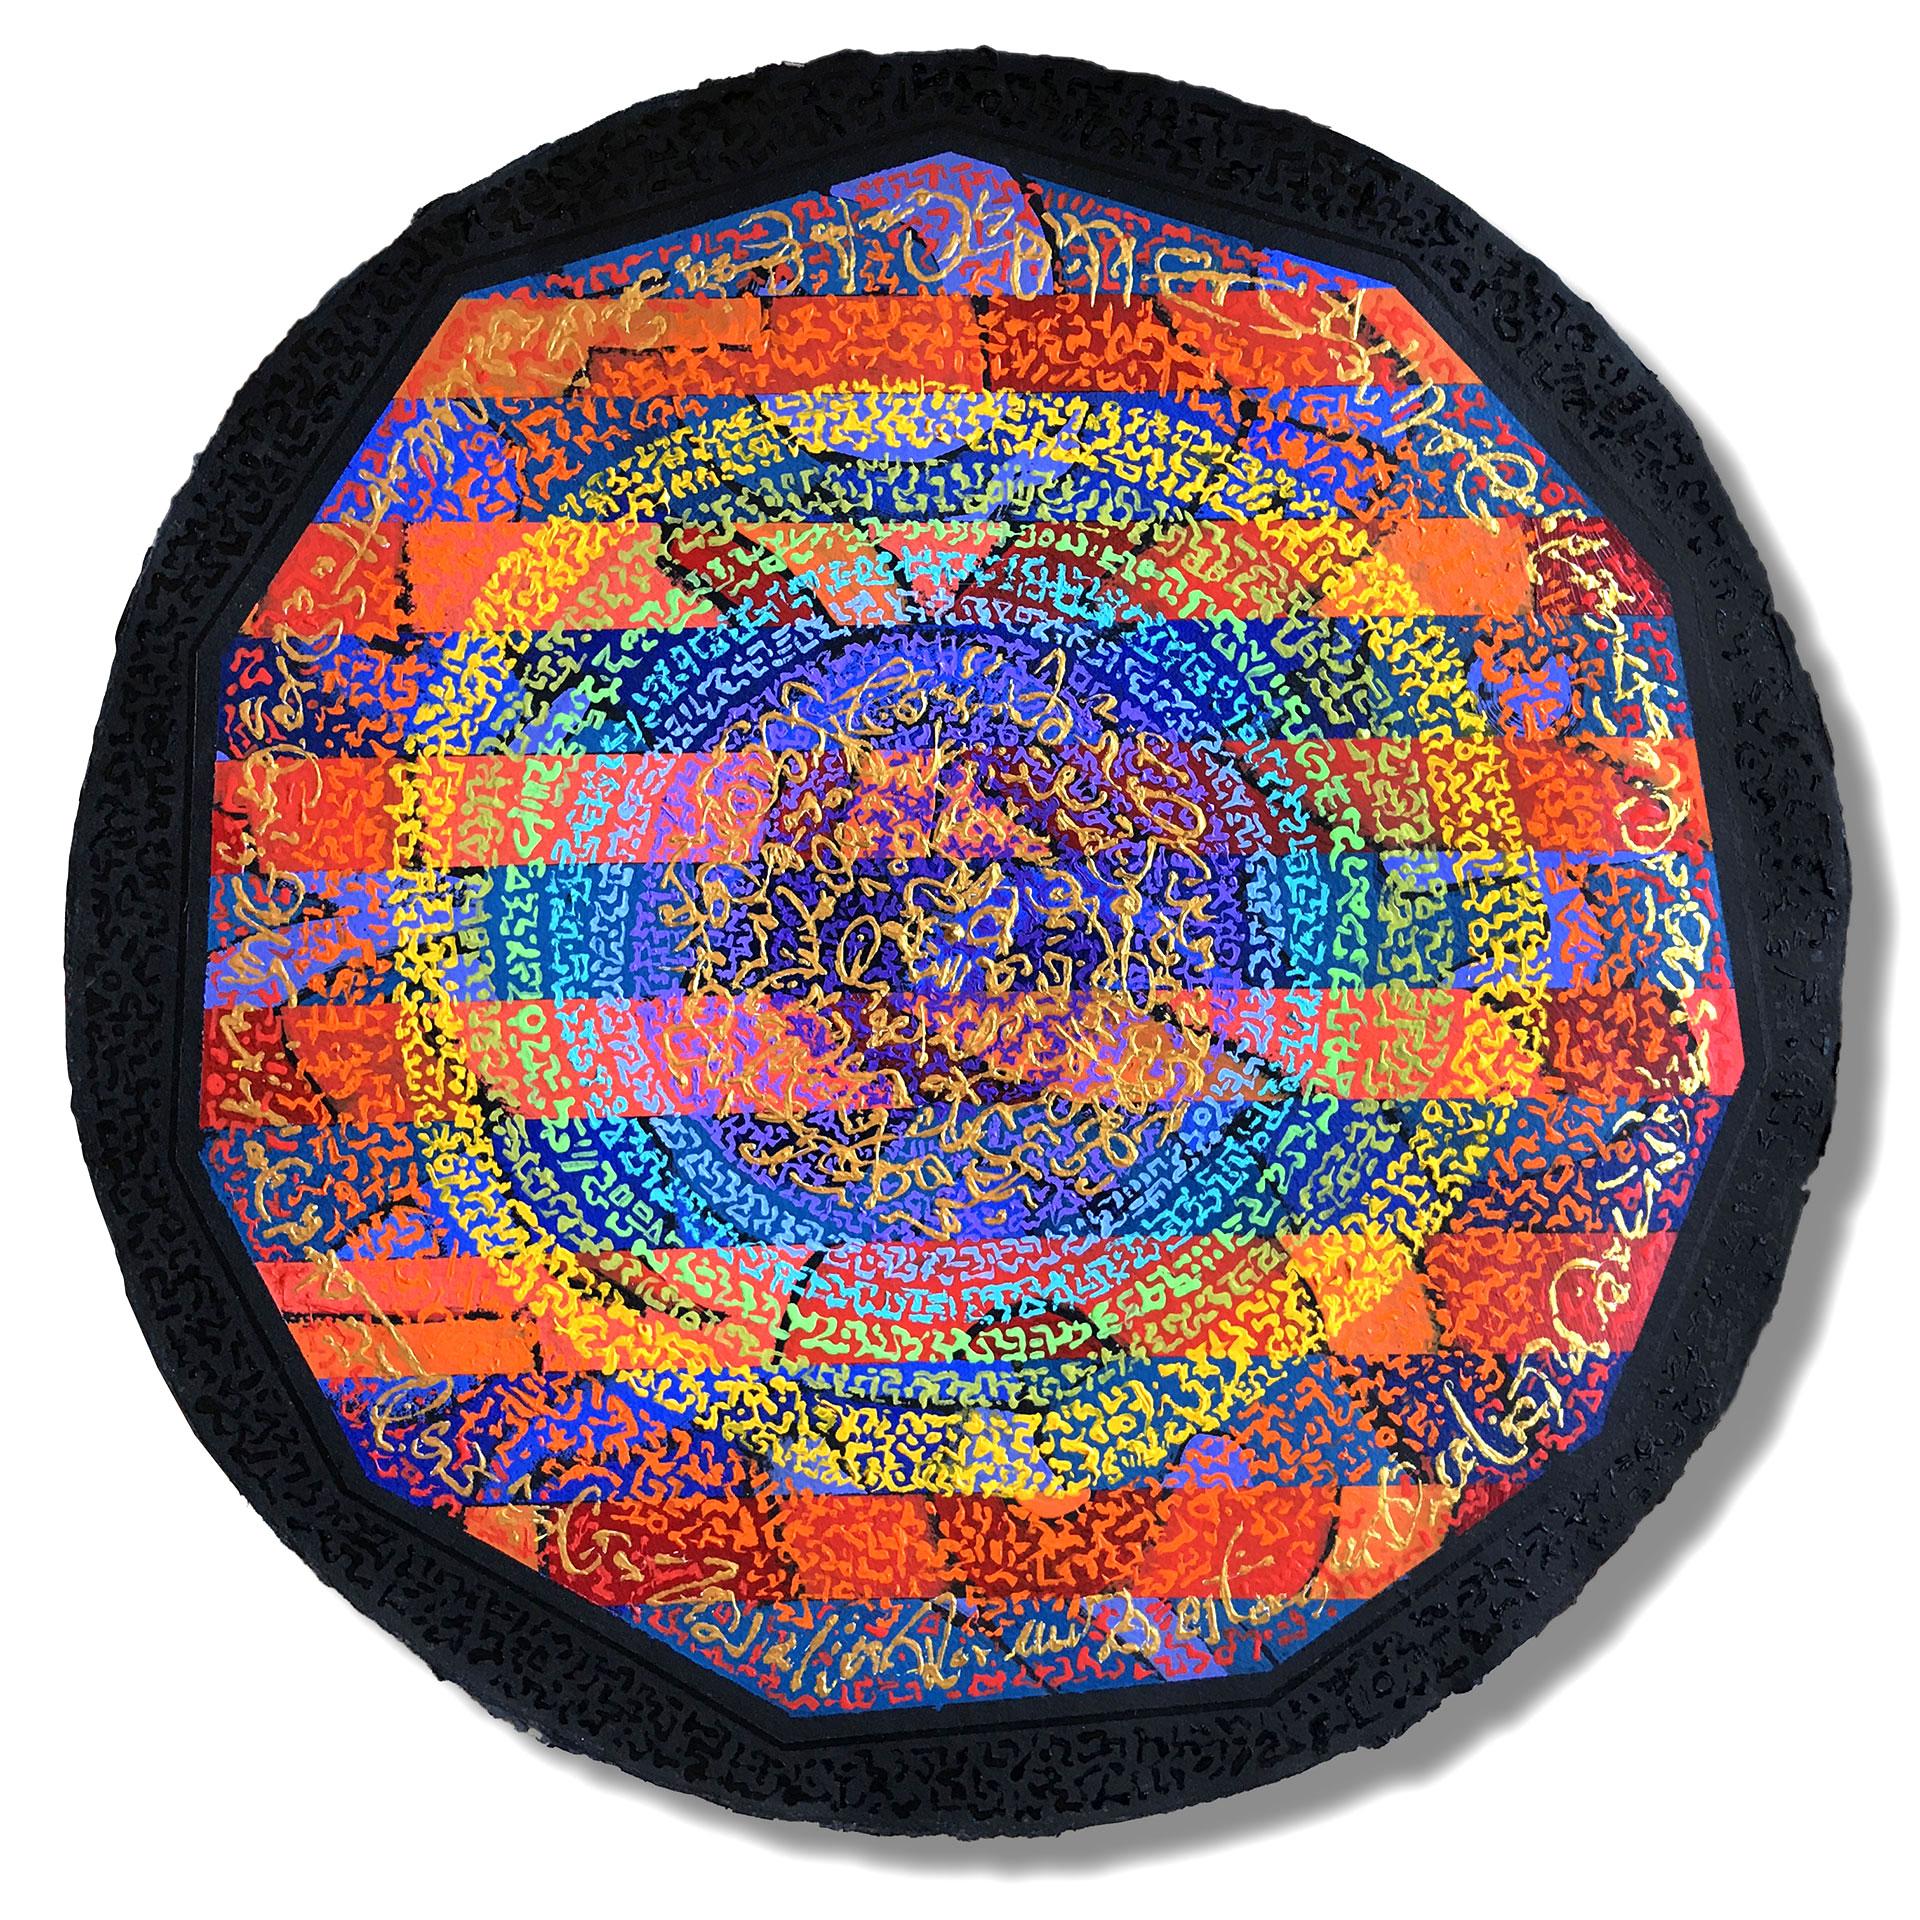 Carlos-Grasso-Circle-of-Joy